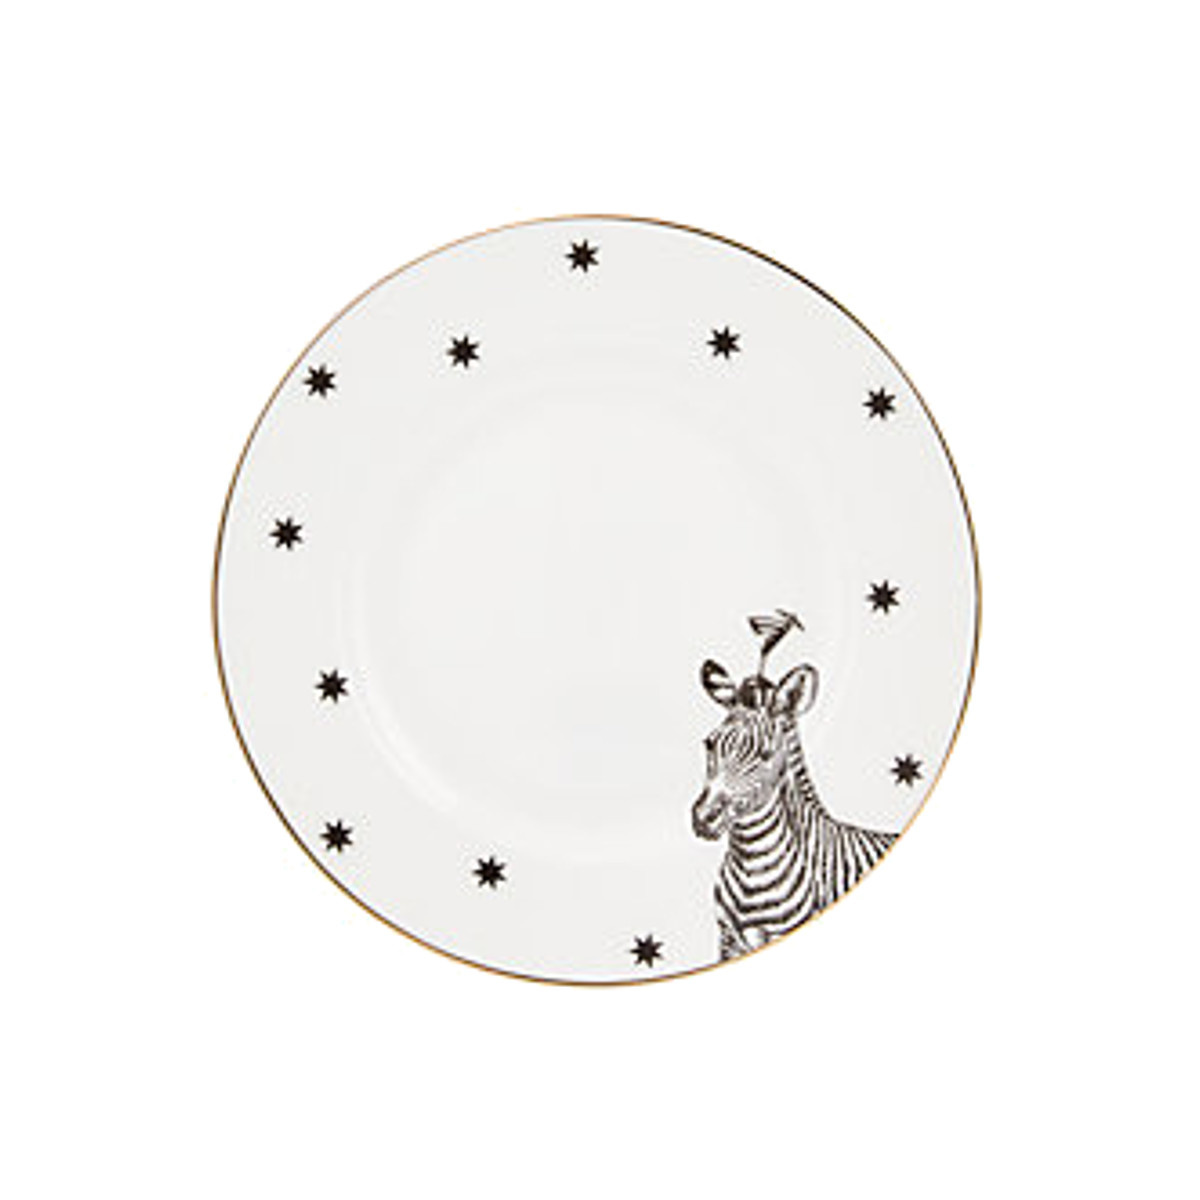 Yvonne Ellen London Monochrome Set van 4  Bordjes Ø 16 cm - Diverse Dieren - Bone China Porselein - In prachtige Geschenkdoos